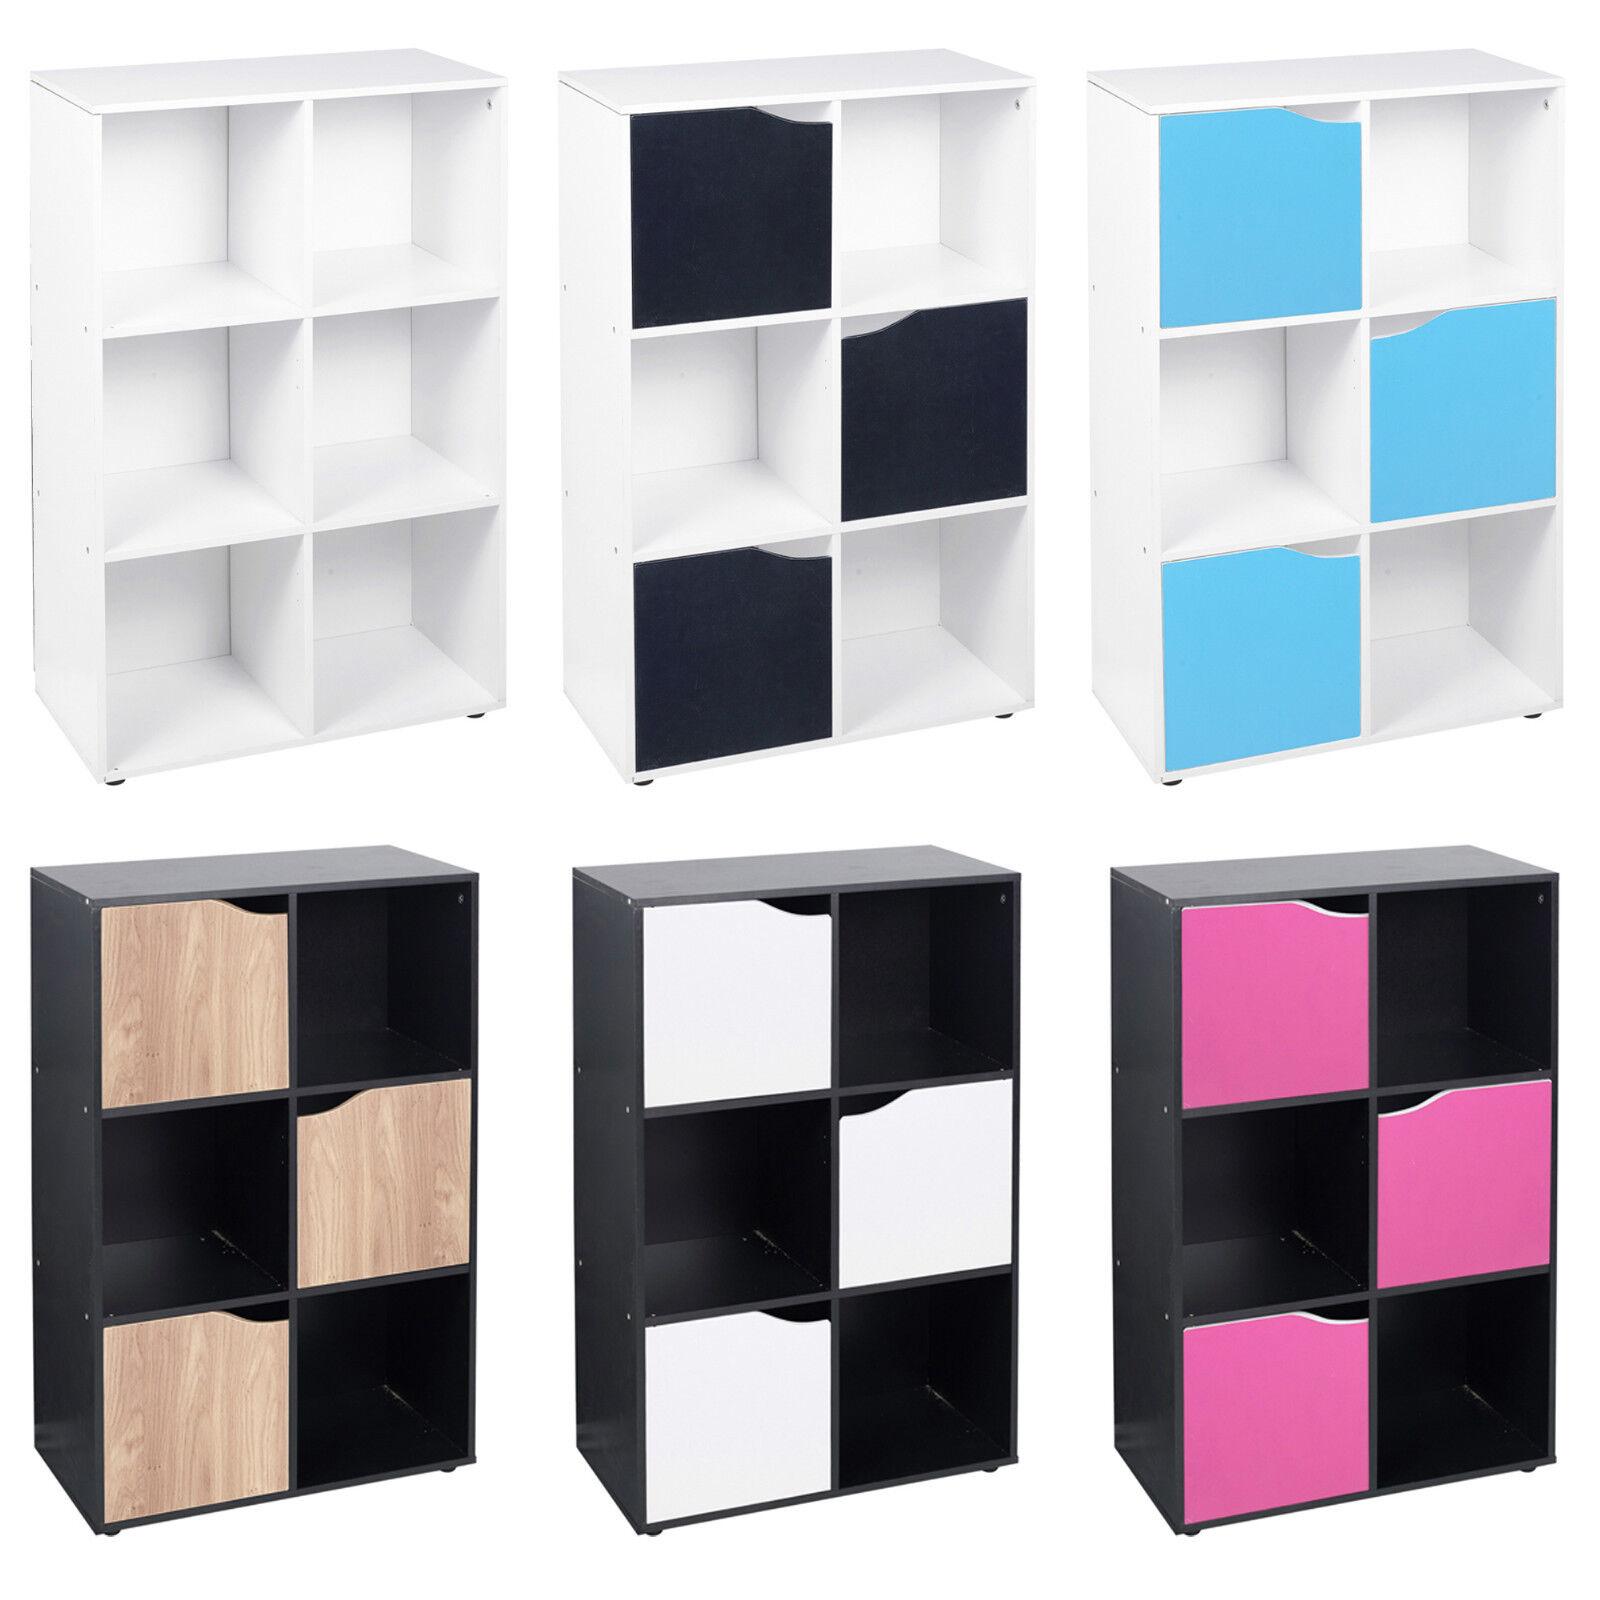 6 cube wooden bookcase shelving display shelves storage. Black Bedroom Furniture Sets. Home Design Ideas